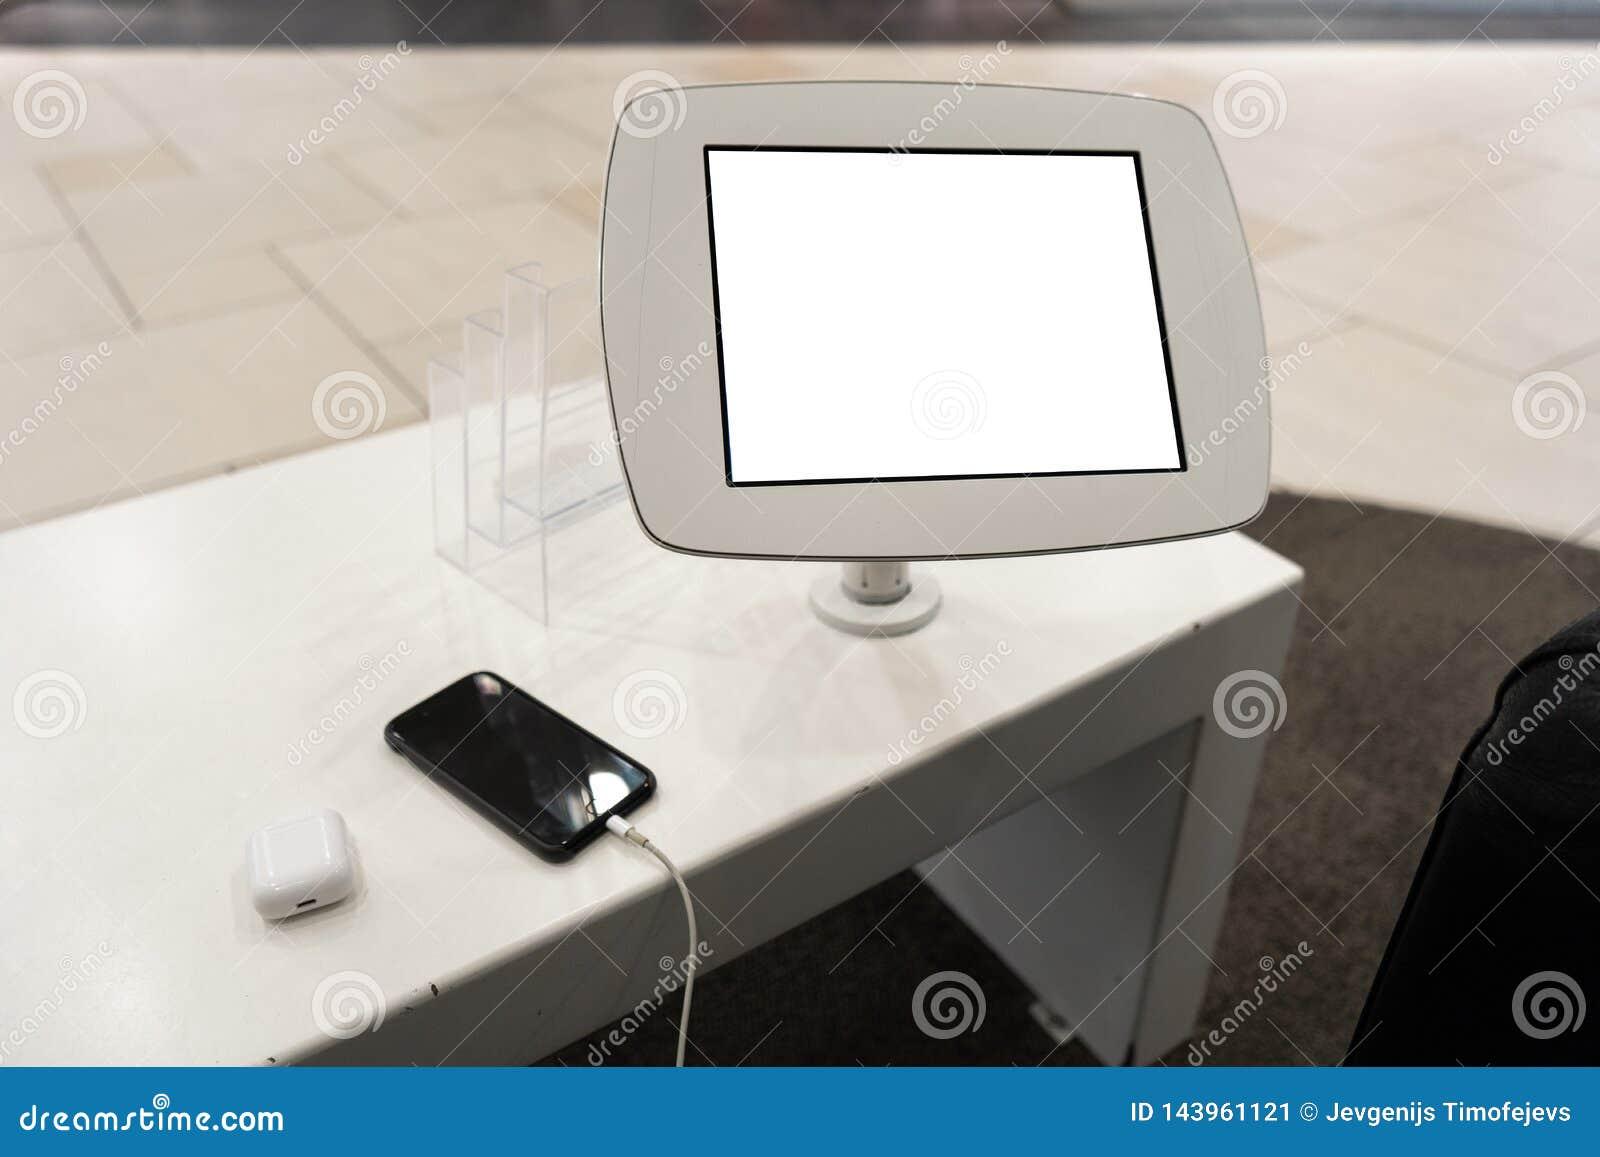 Πραγματική χρήση του τηλεφώνου με το ελεύθερο διάστημα αντιγράφων για την αγγελία και το κείμενό σας - χλευάστε επάνω τον πίνακα